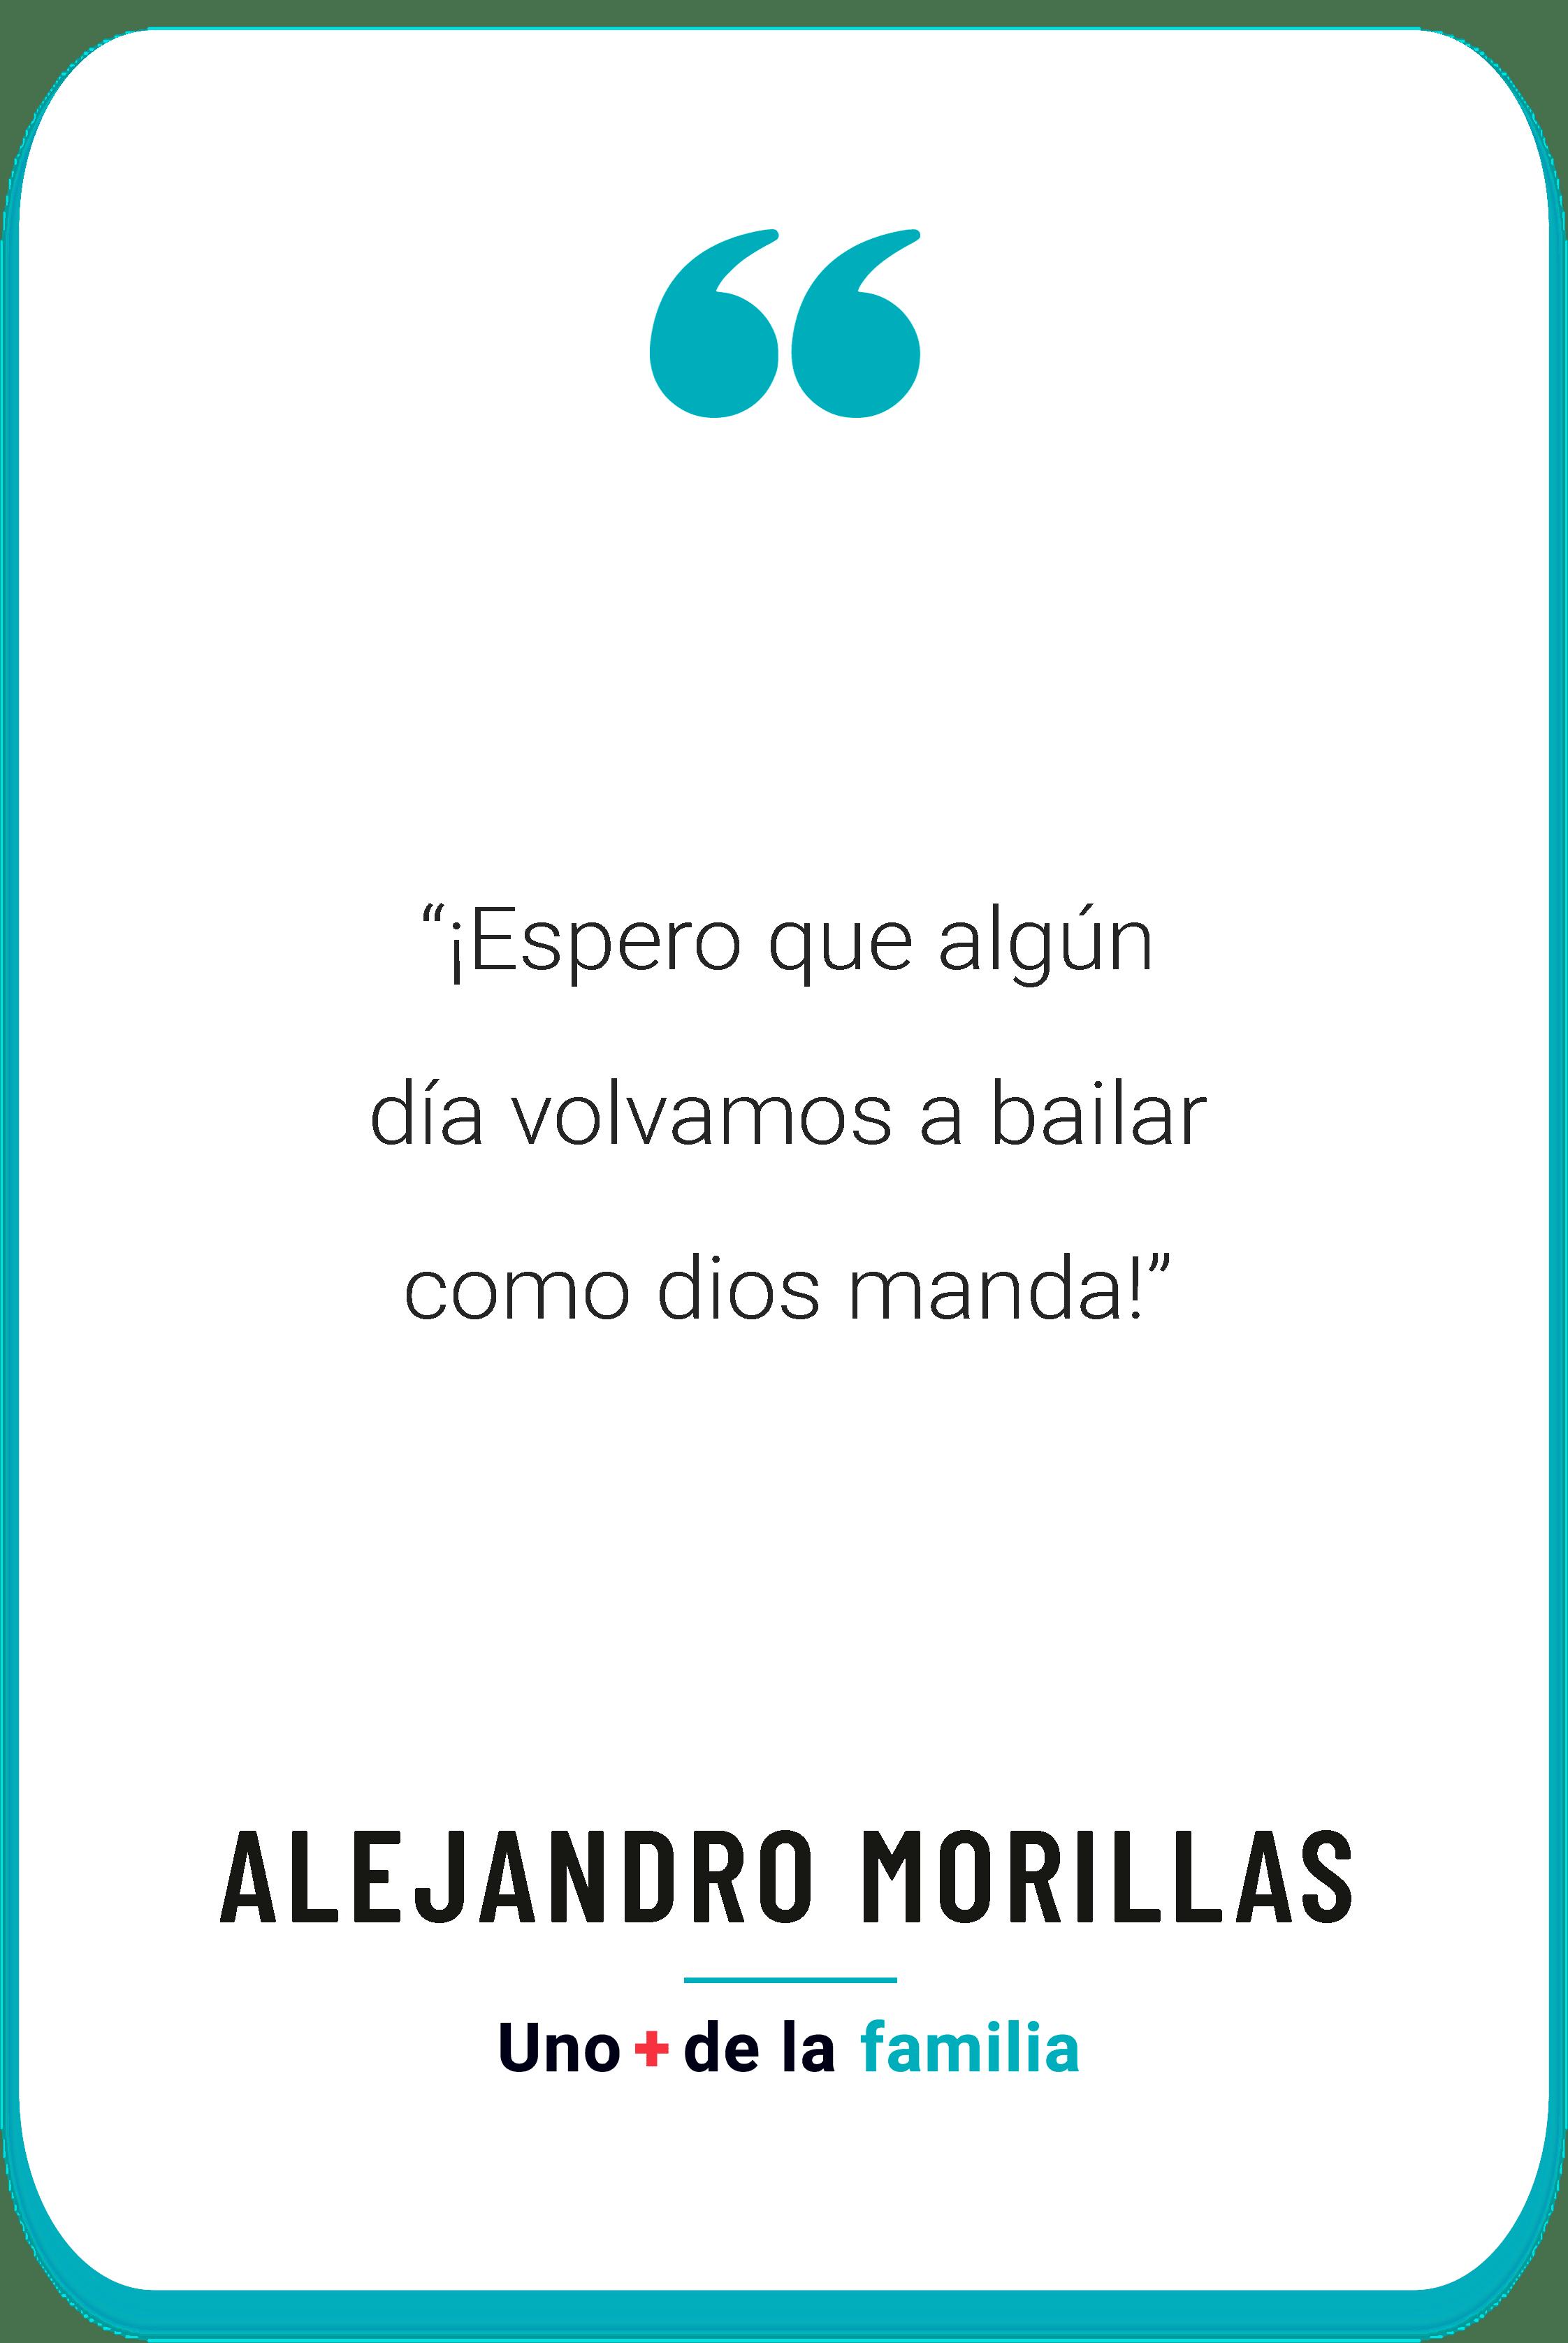 11_ALEJANDRO-min